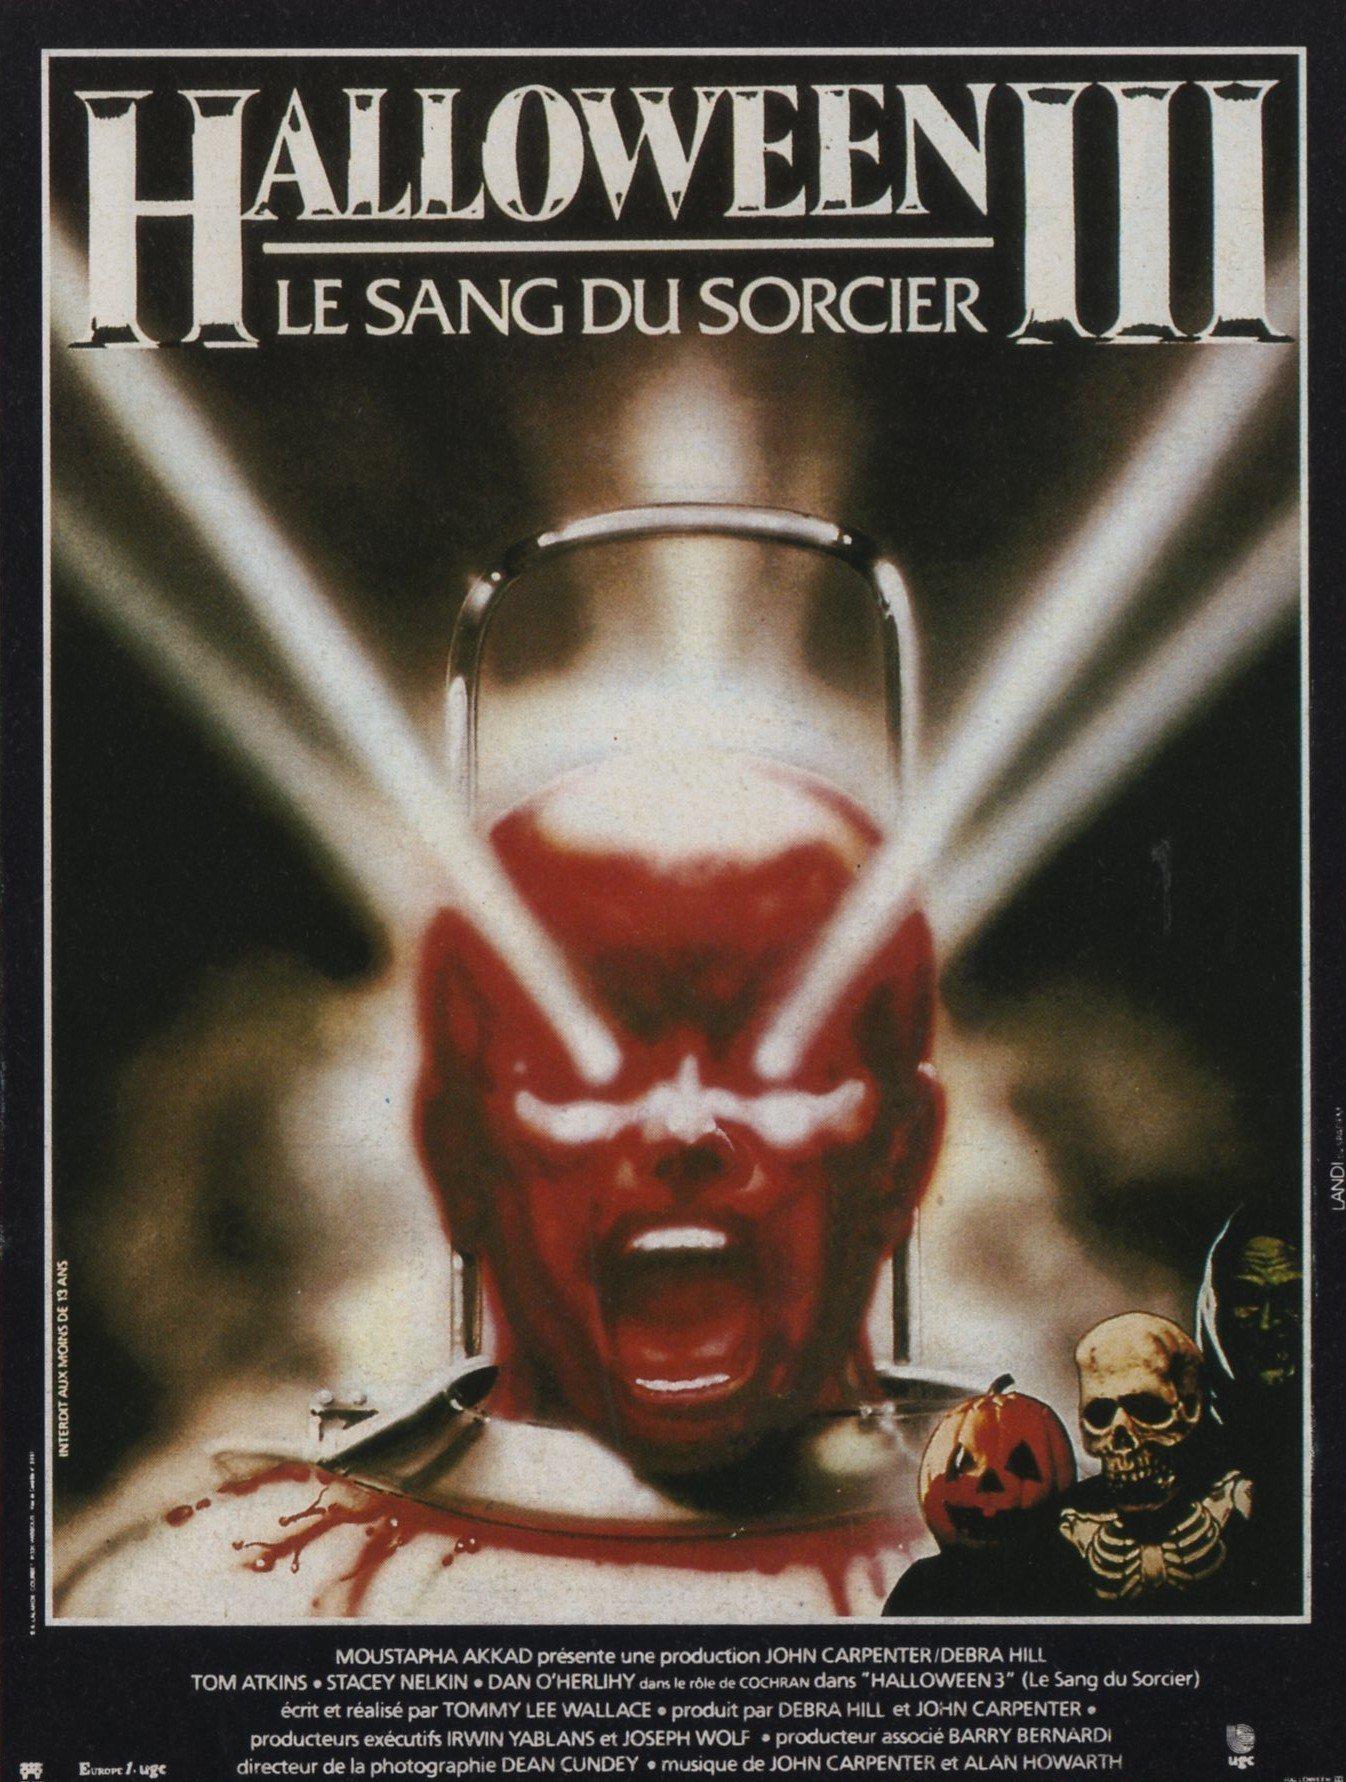 affiche du film Halloween 3 : Le sang du sorcier